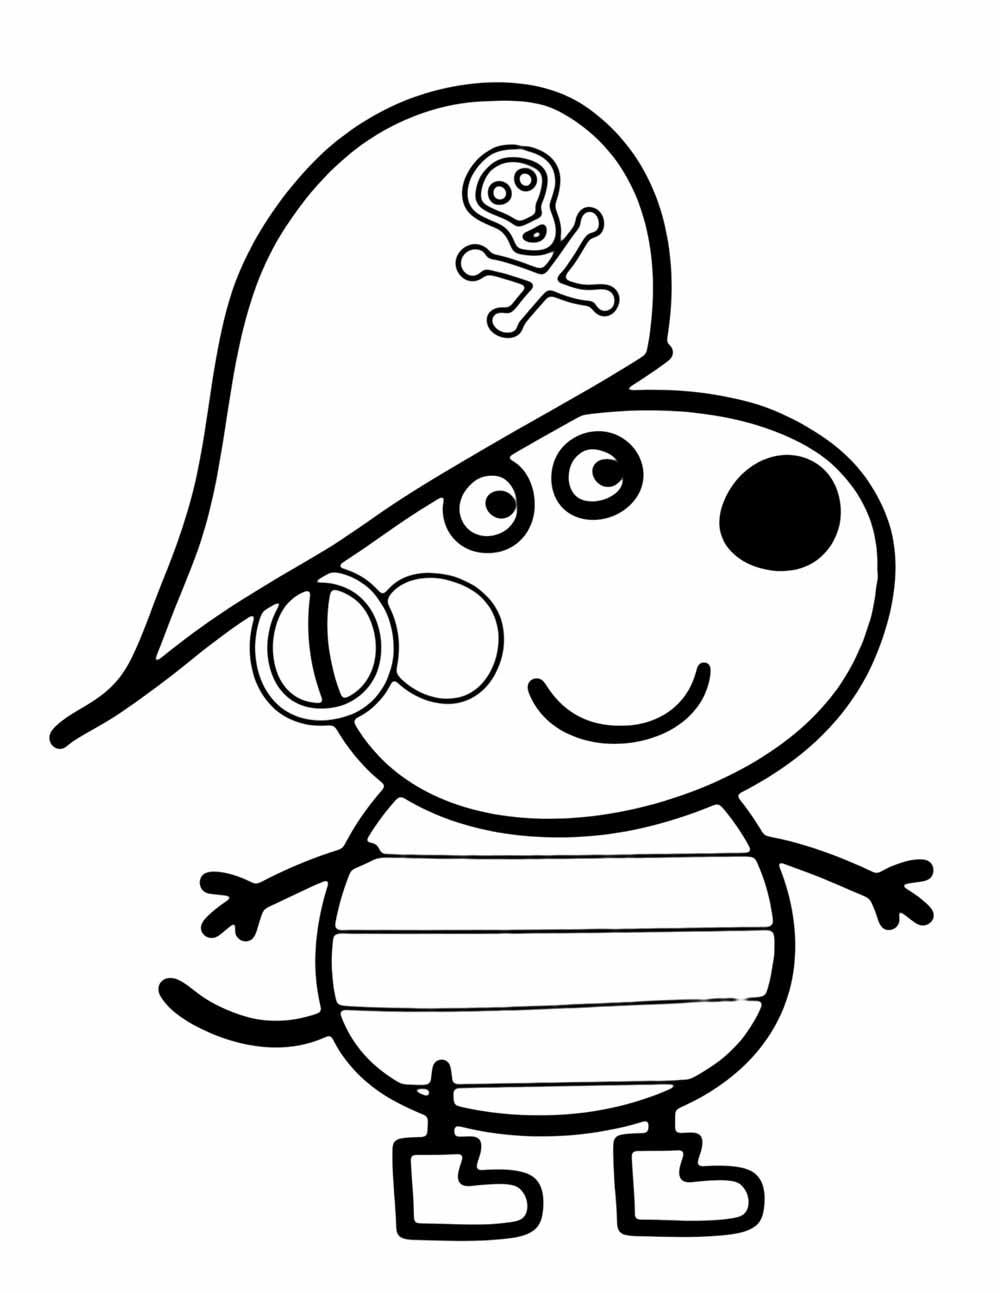 george pig disfrazado de pirata para colorear e imprimir dibujos de